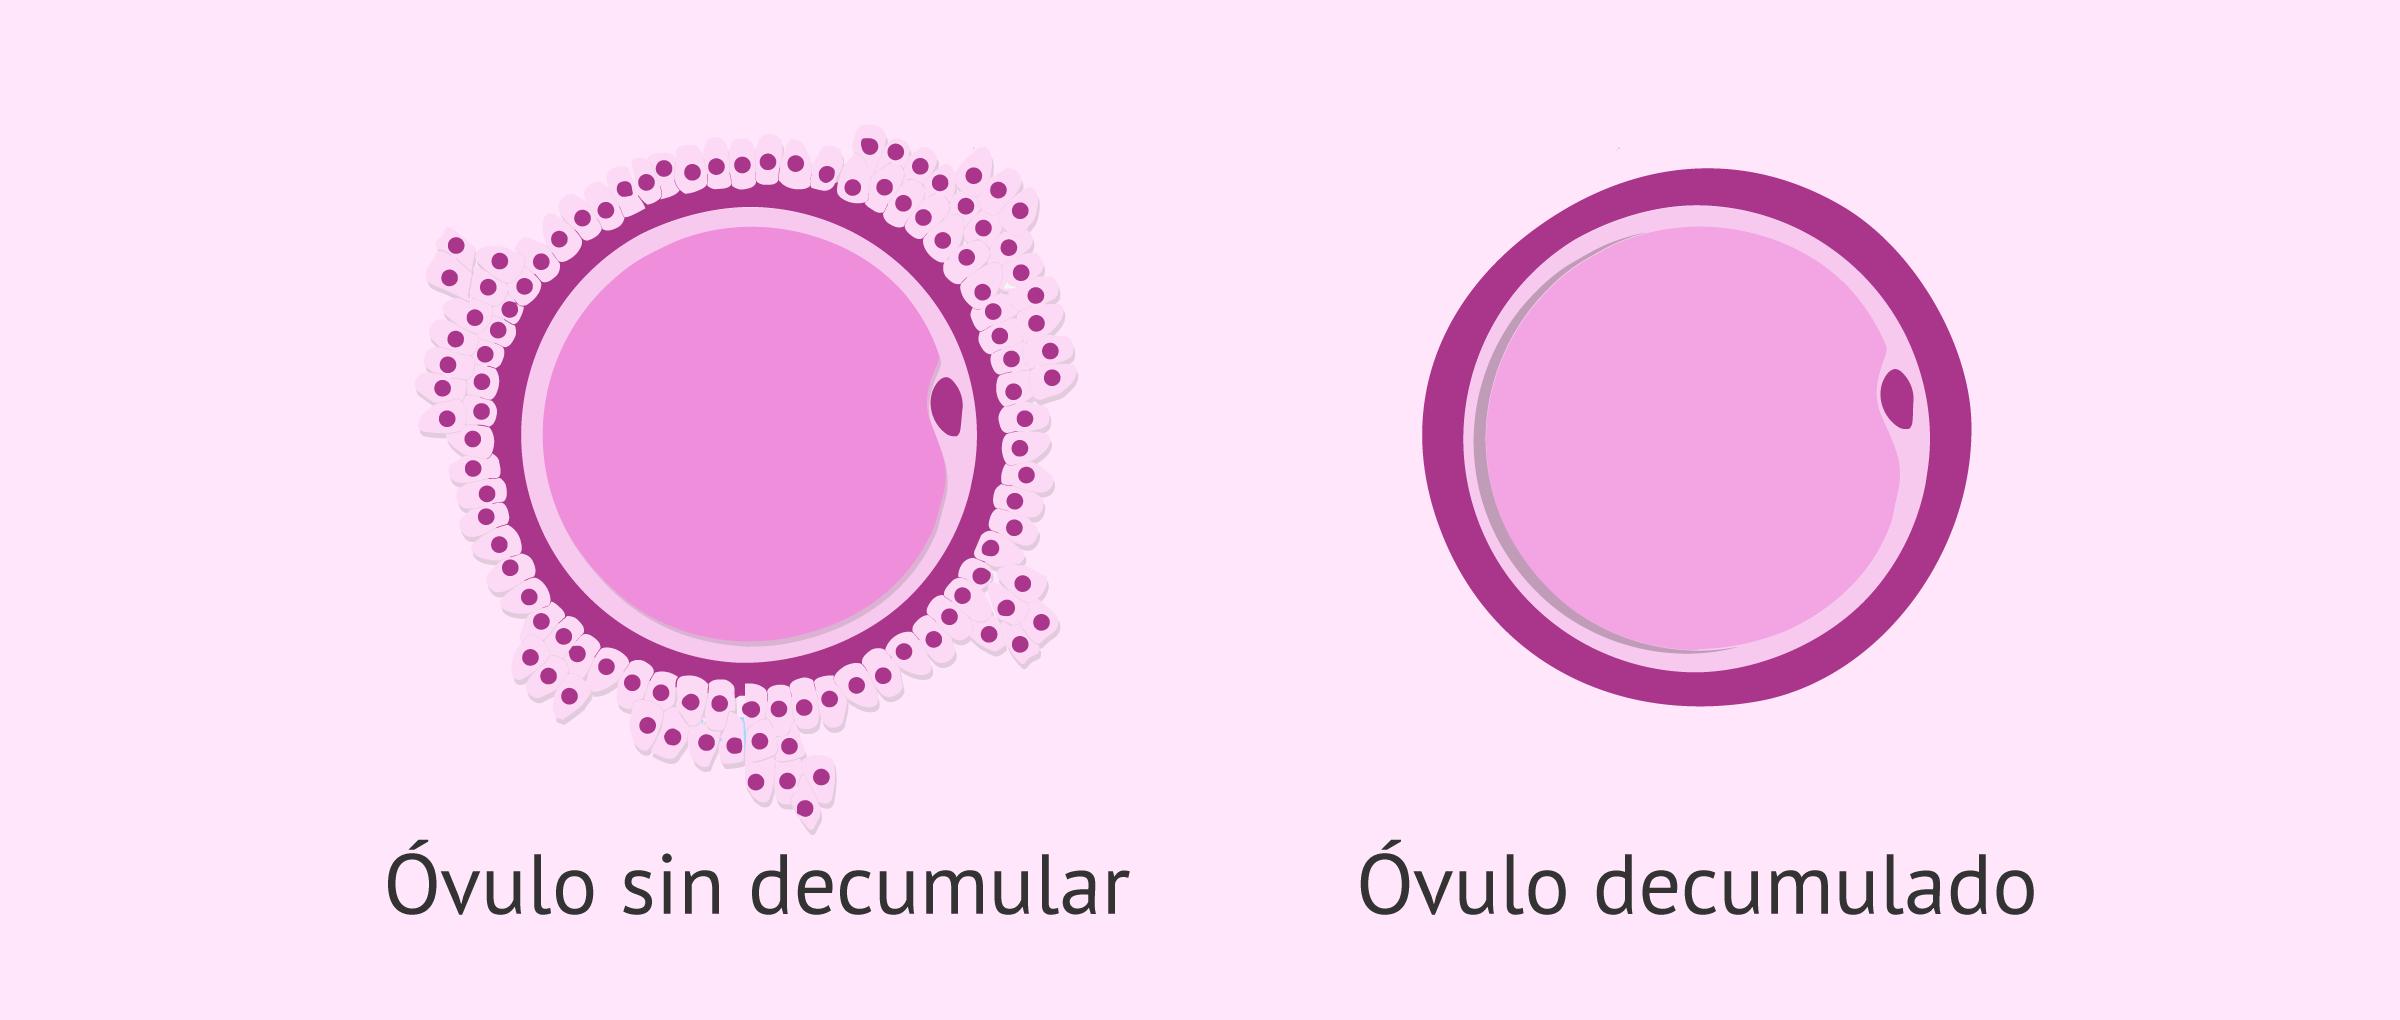 Decumulación de los óvulos